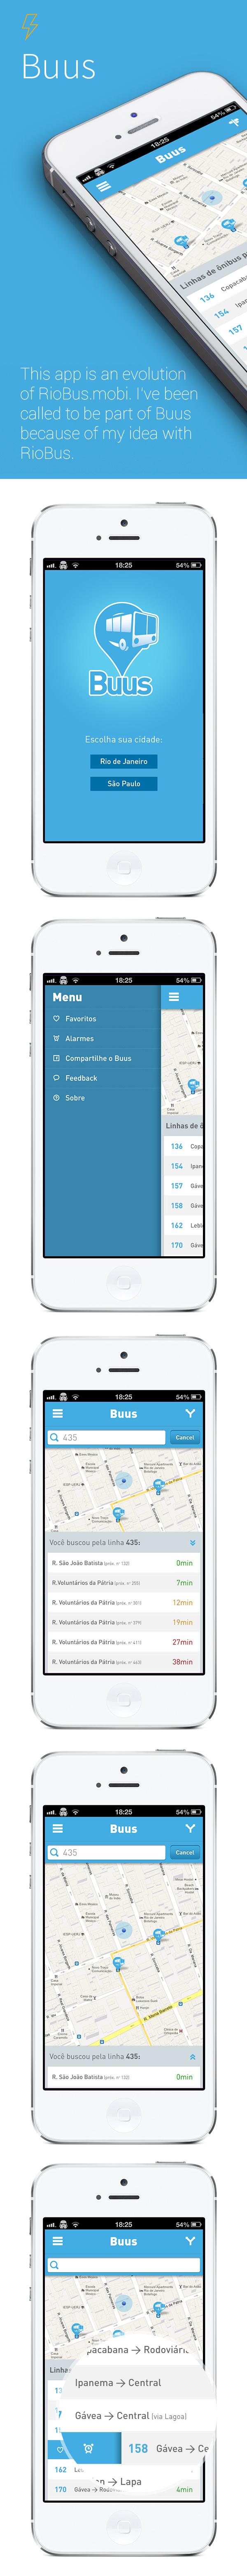 Buus #bus #user #design #travel #interface #ui #app